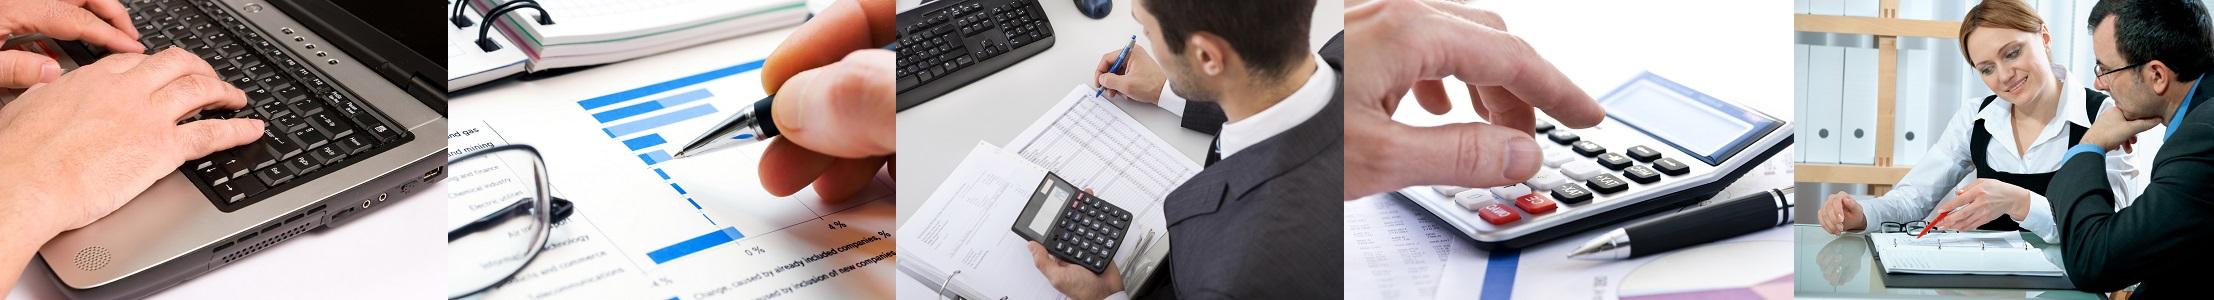 Daňové poradenství pro firmy i OSVČ